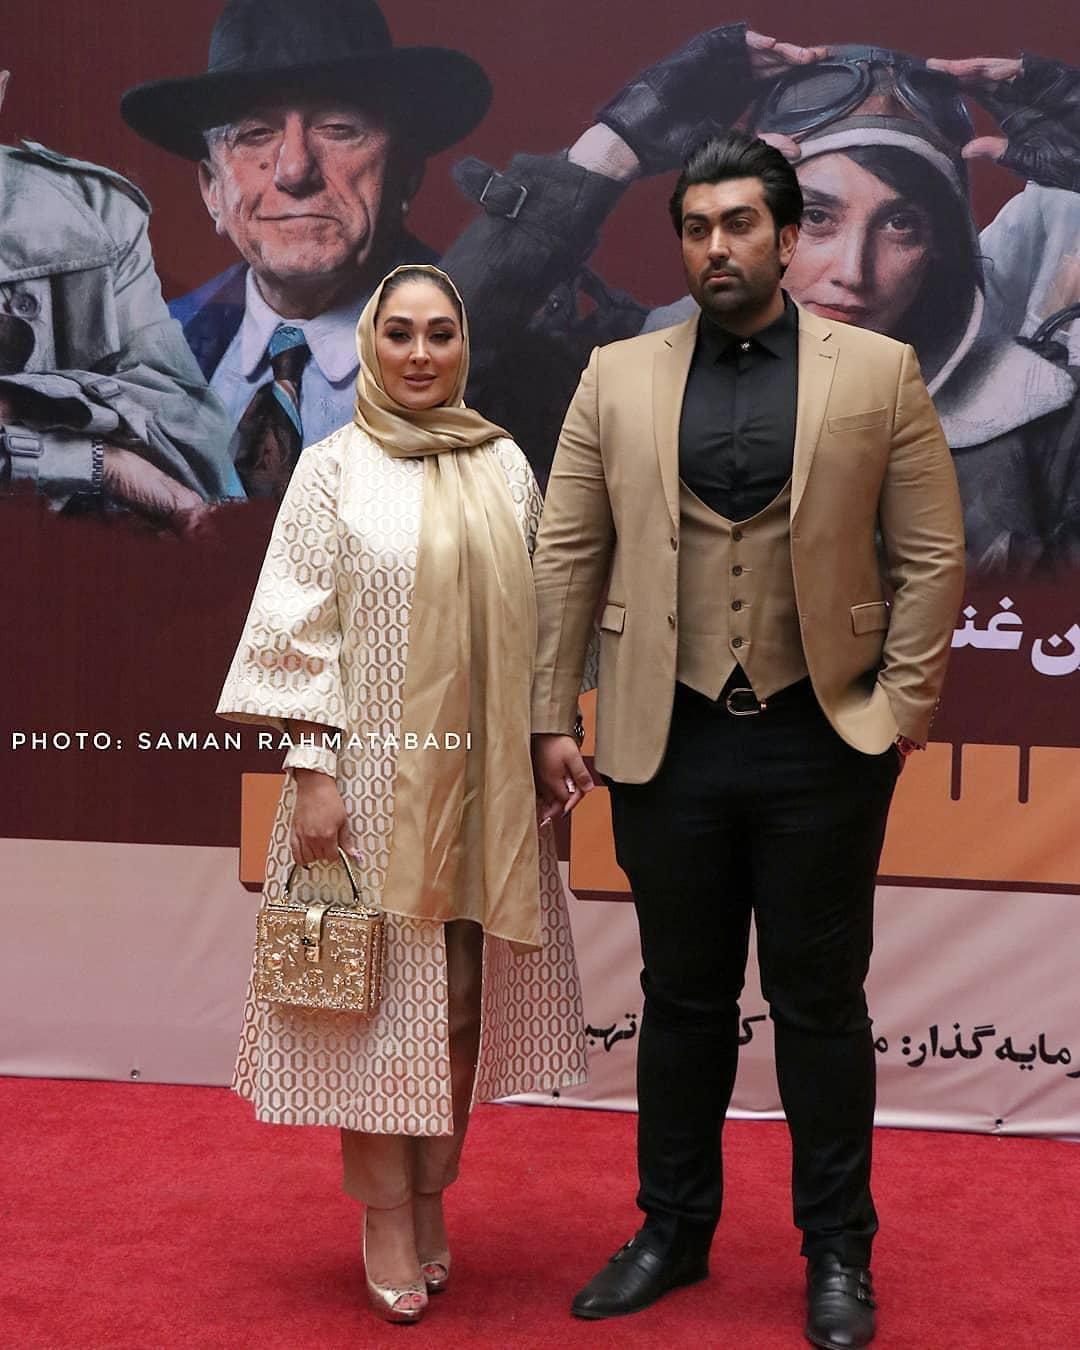 الهام حمیدی و همسرشون در اکران خصوصی فیلم مسخره باز